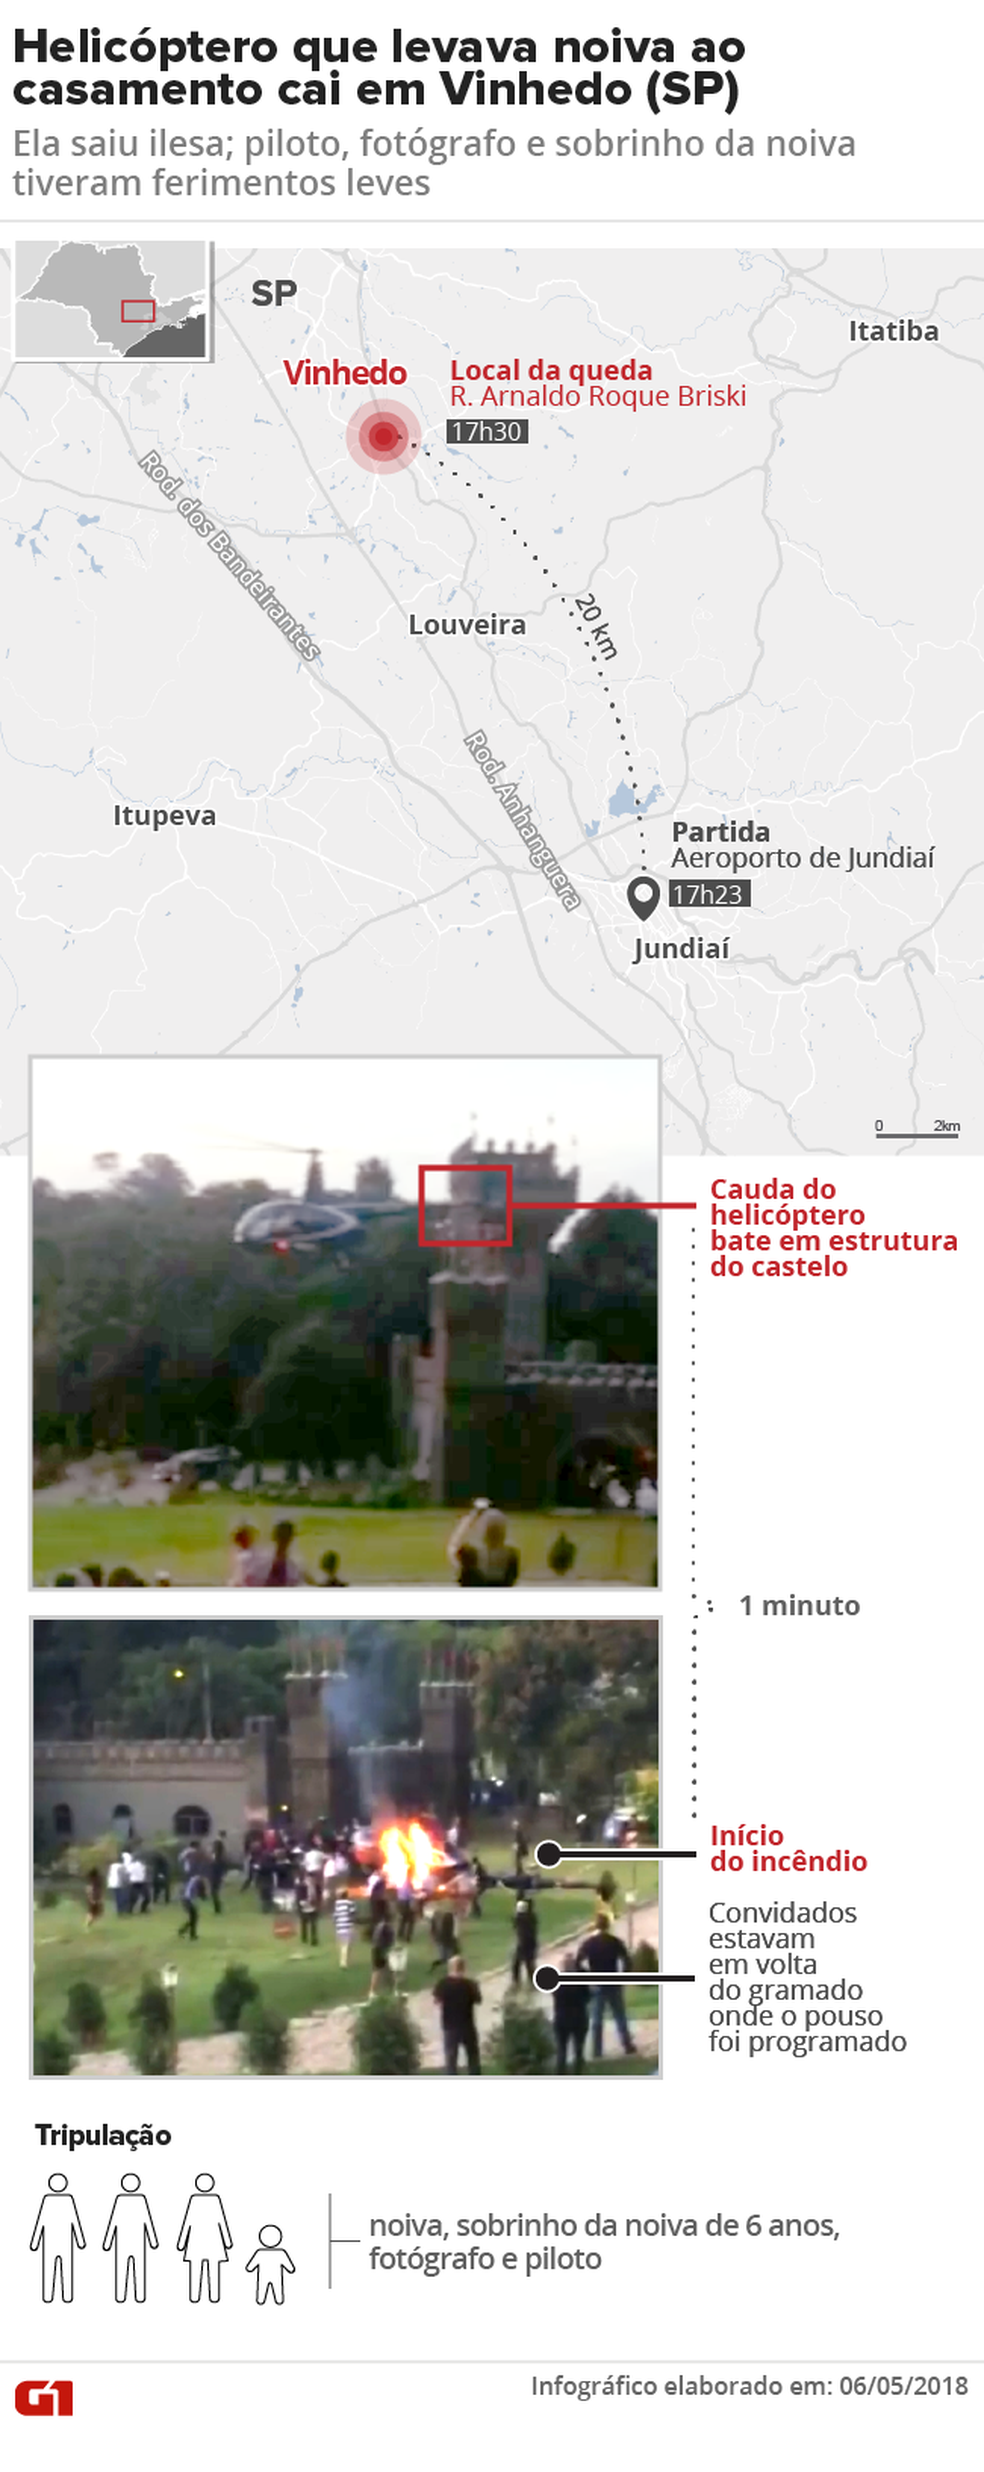 Infográfico mostra sequência de acontecimentos no acidente com um helicóptero que transportava noiva em Vinhedo. (Foto: Arte/G1)